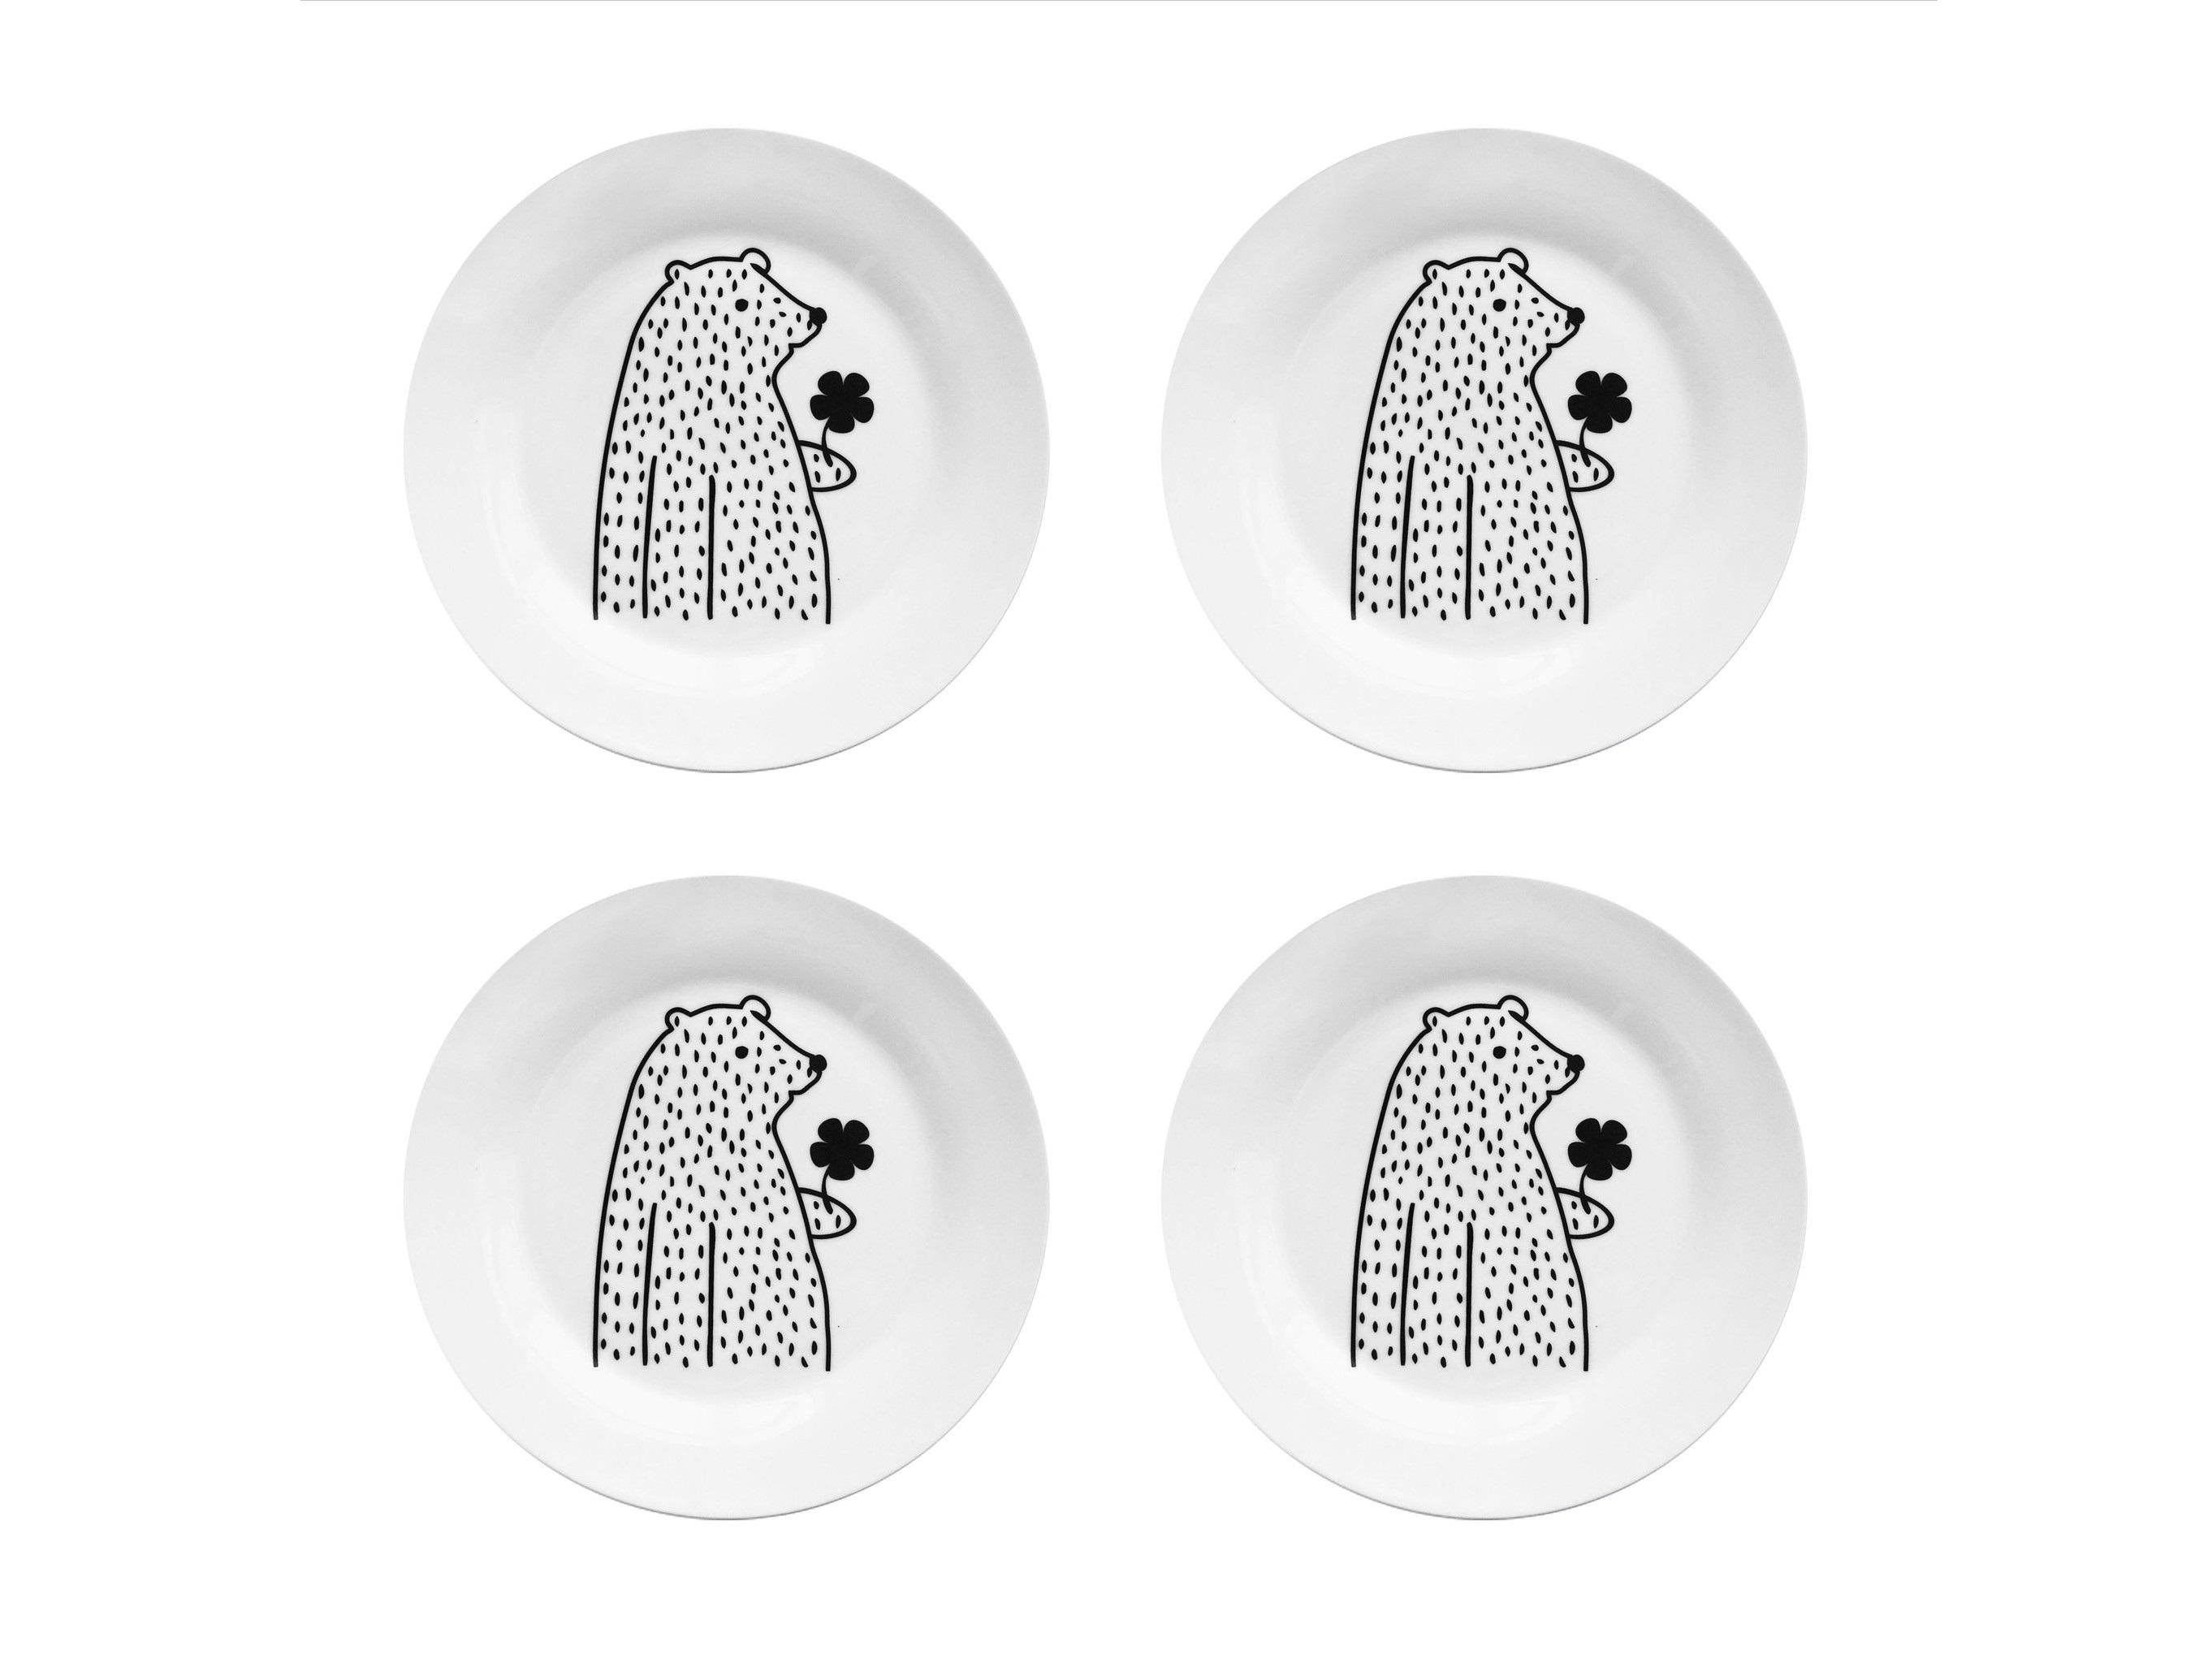 Набор тарелок Цветочный мишка (4 шт)Тарелки<br>Посуду можно использовать в микроволновой печи и посудомоечной машине.&amp;amp;nbsp;&amp;lt;div&amp;gt;В комплект входят: Тарелка 20 см - 4 шт.&amp;lt;/div&amp;gt;<br><br>Material: Фарфор